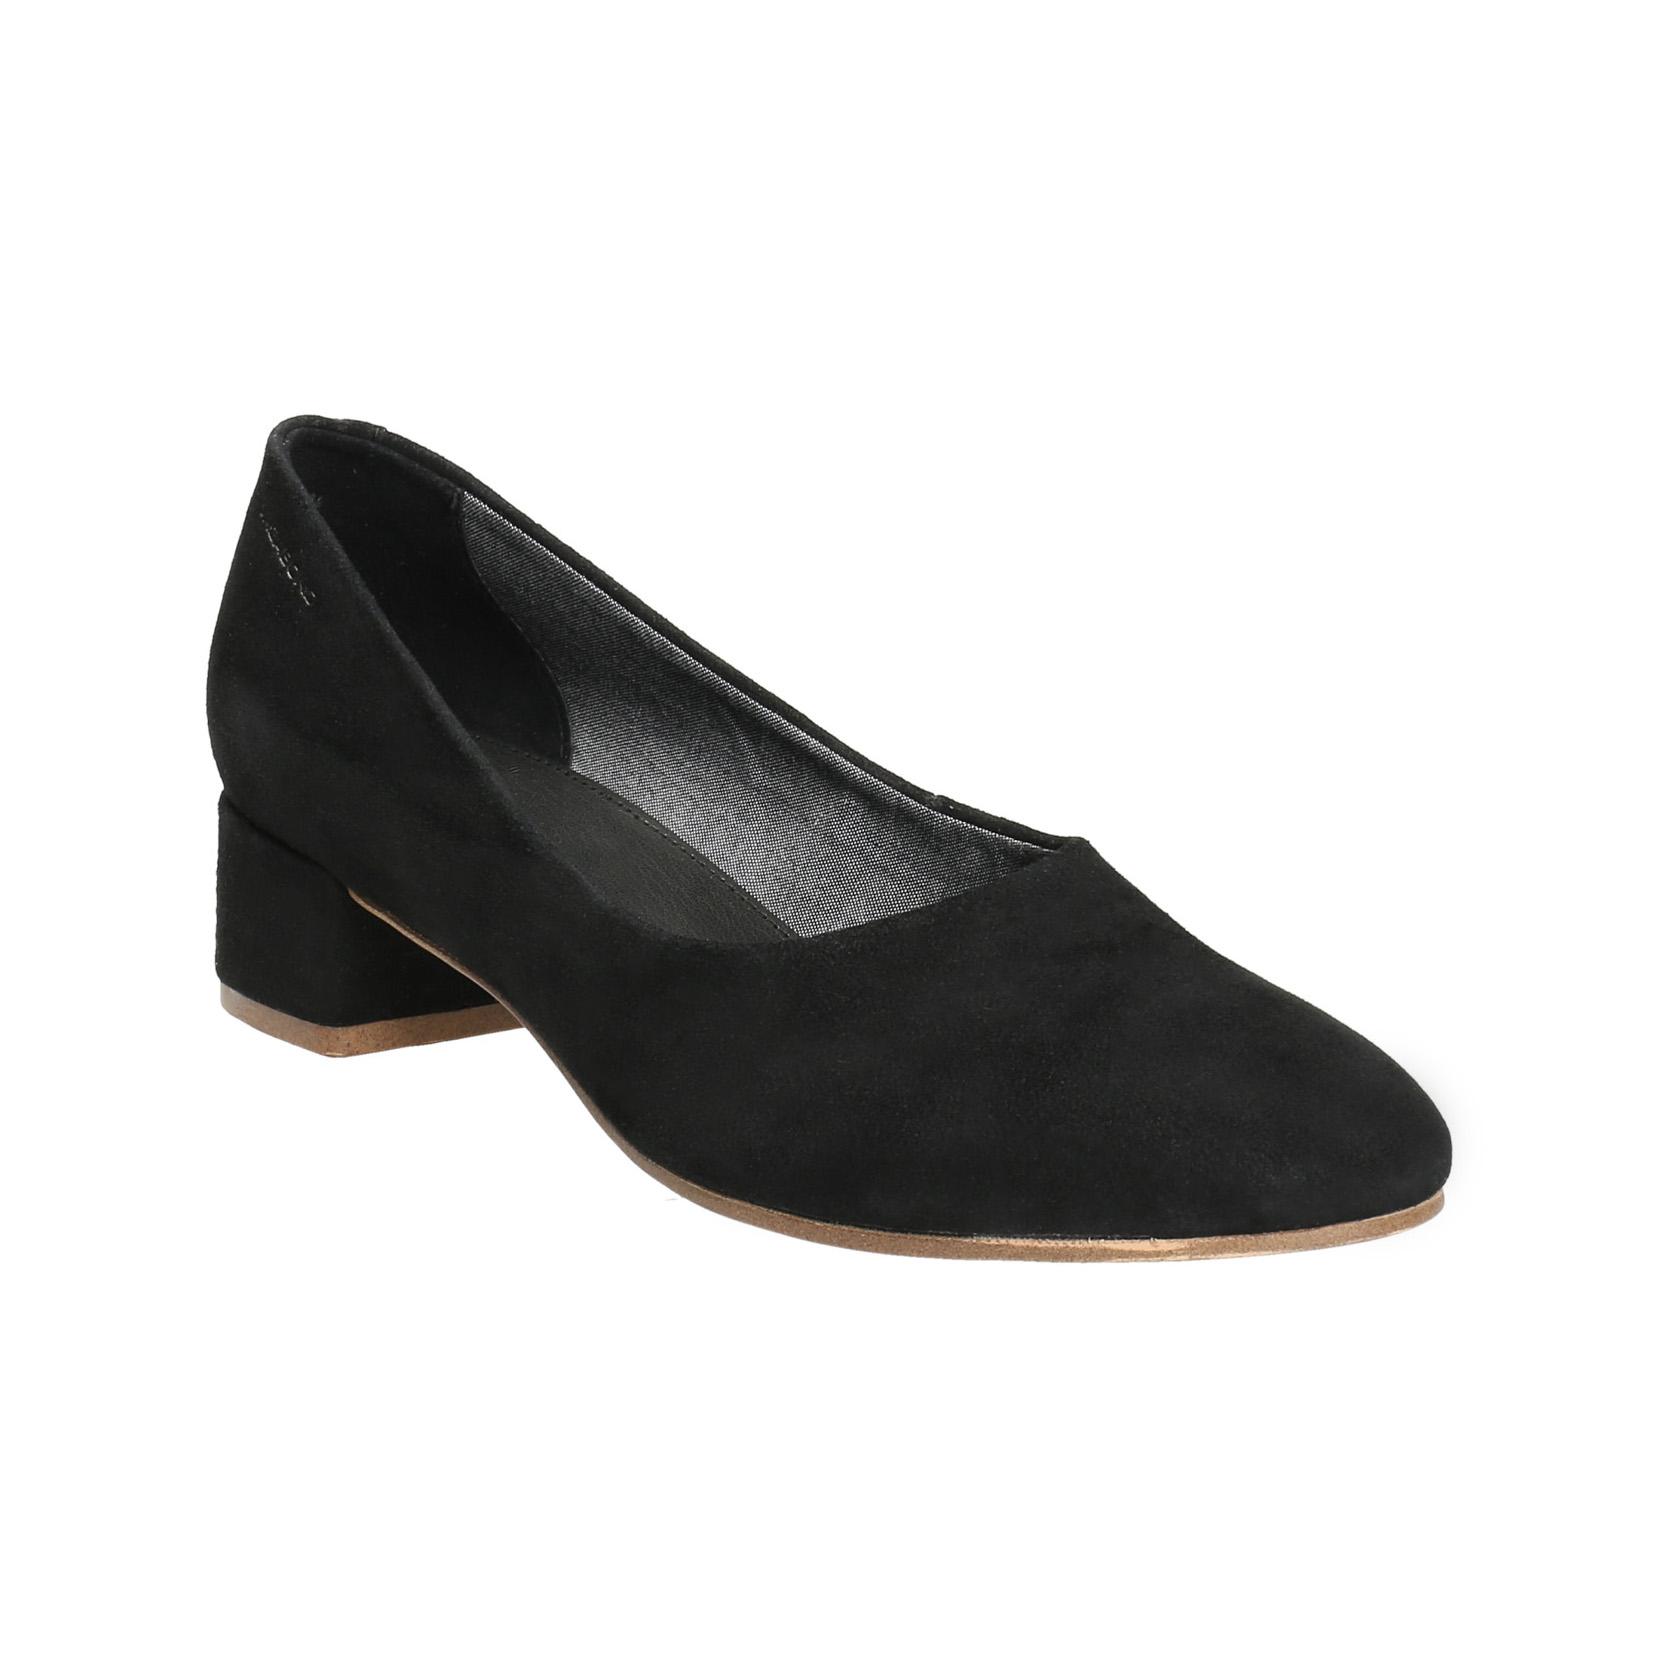 Černé kožené lodičky na nízkém podpatku